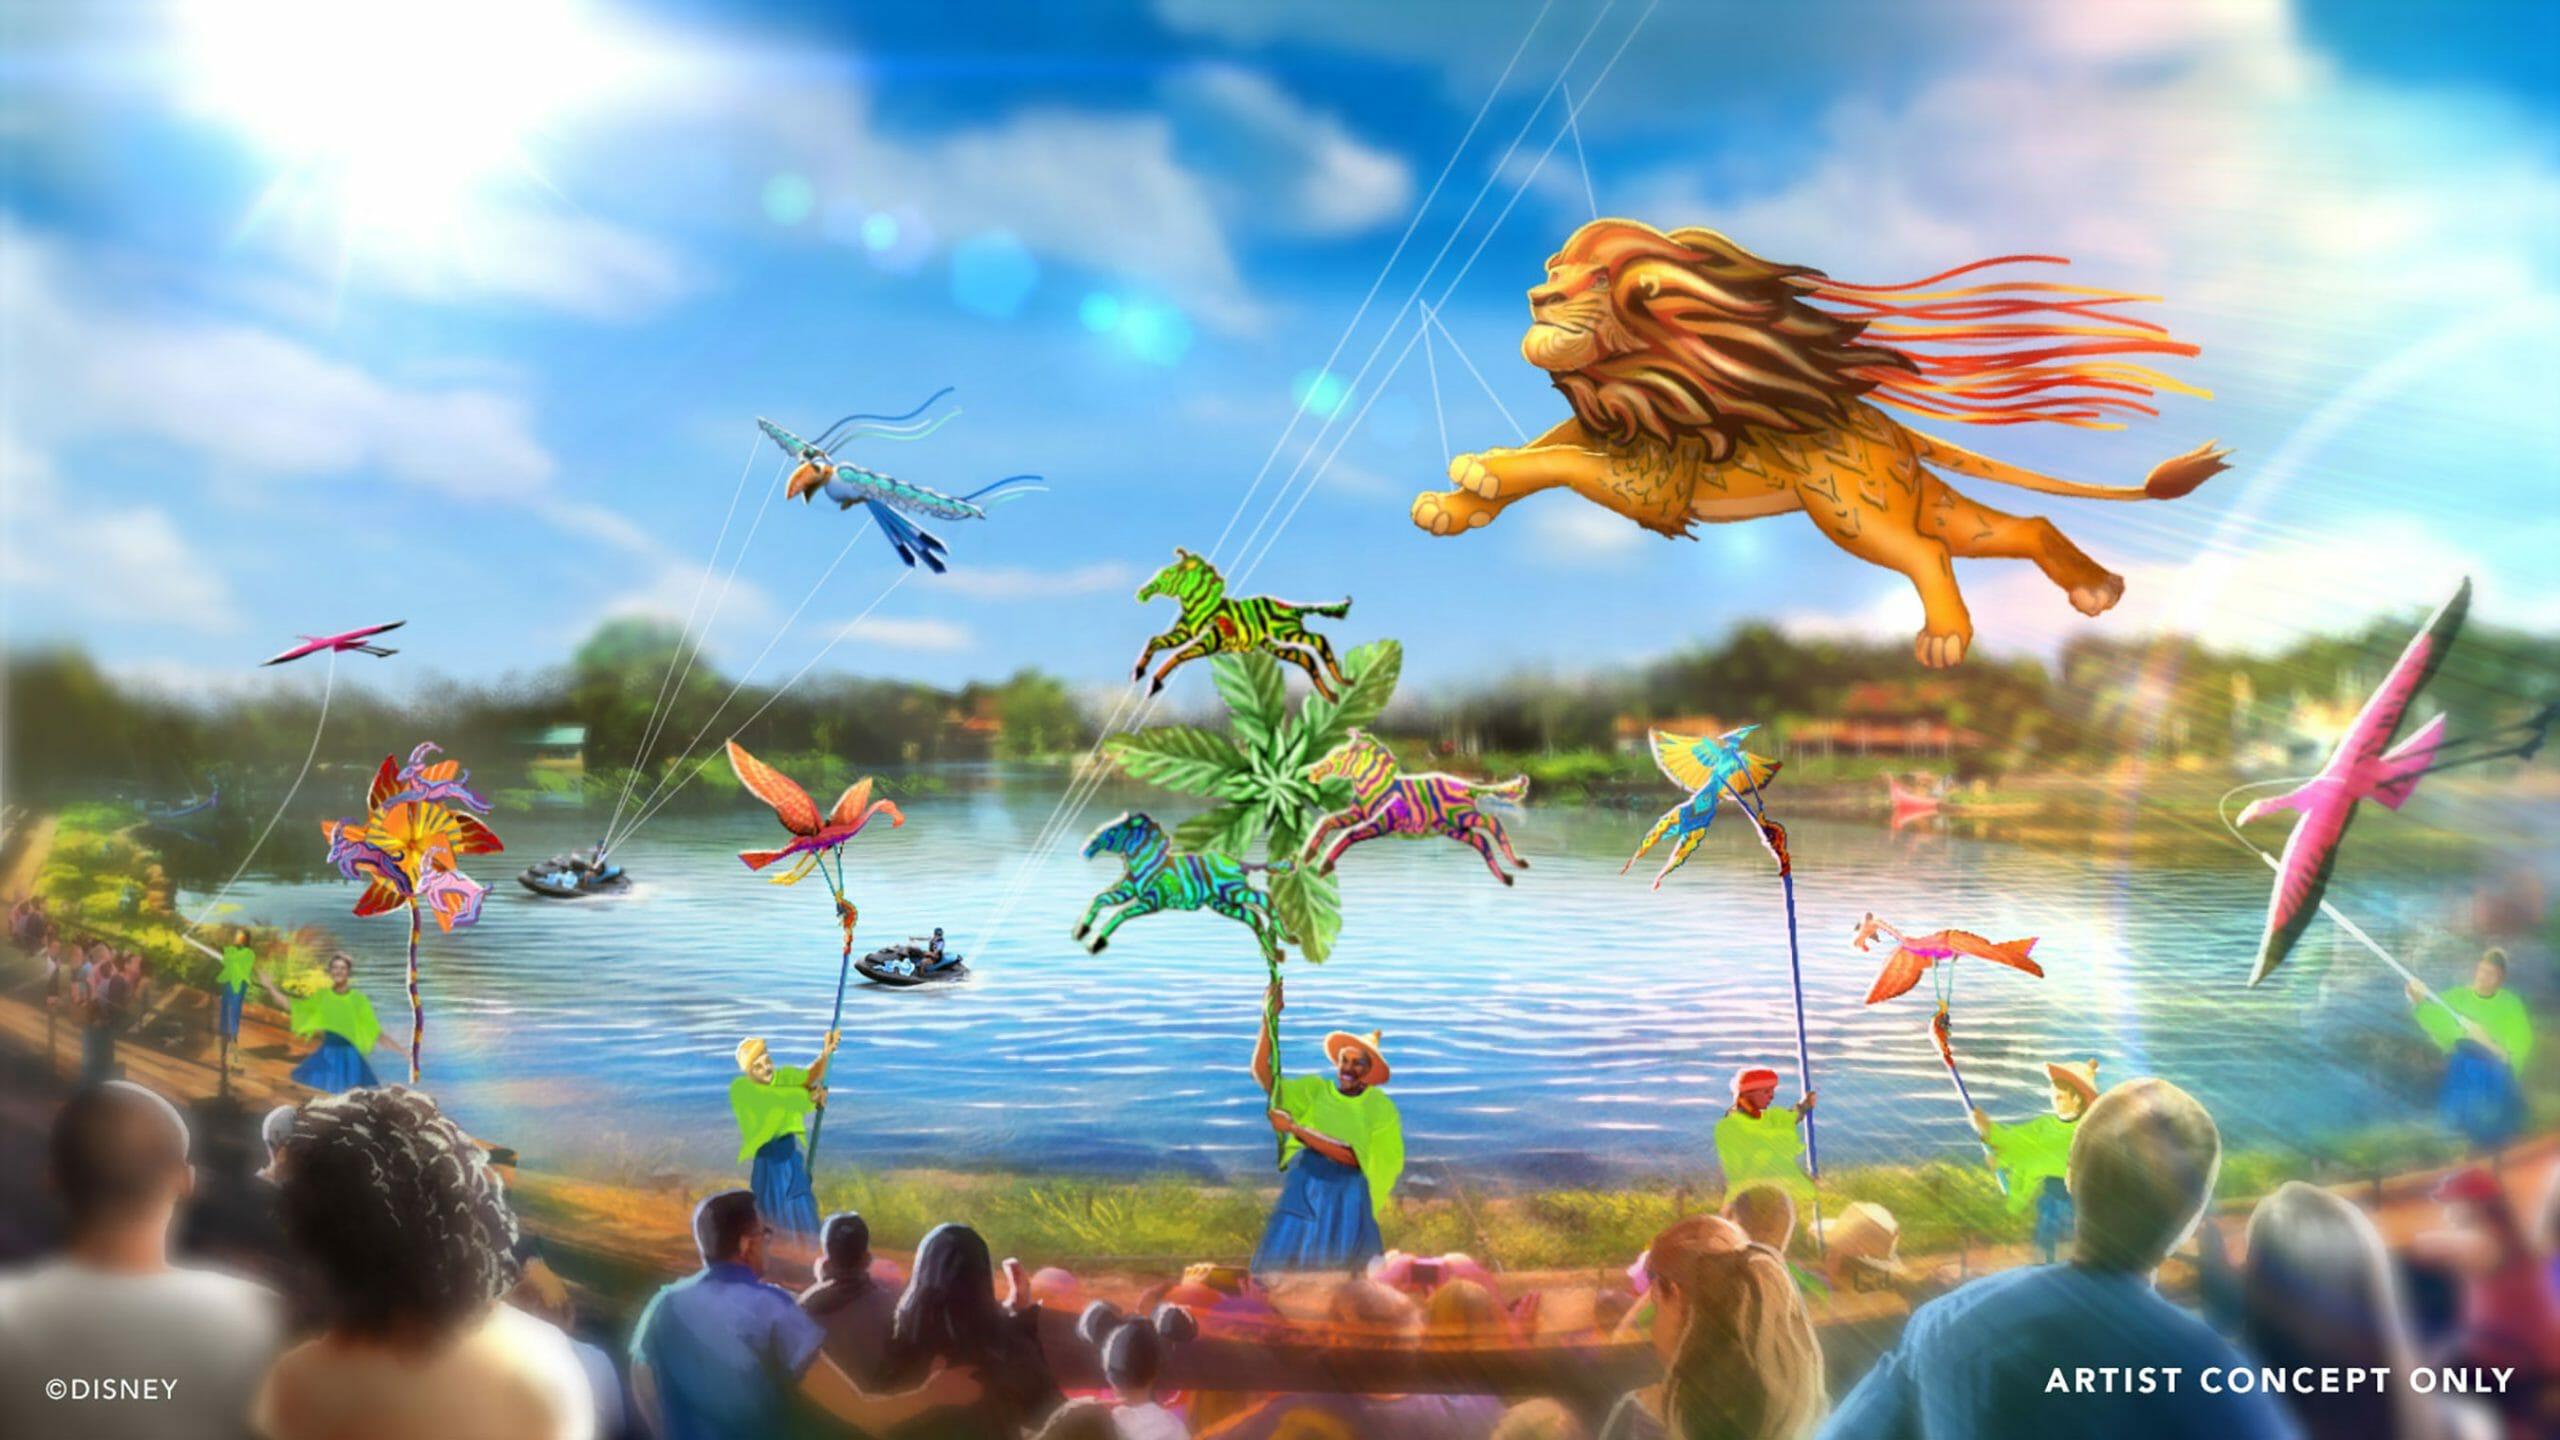 Divulgação do show diurno Disney KiteTails no Animal Kingdom, com animais feitos de pipas e cataventos